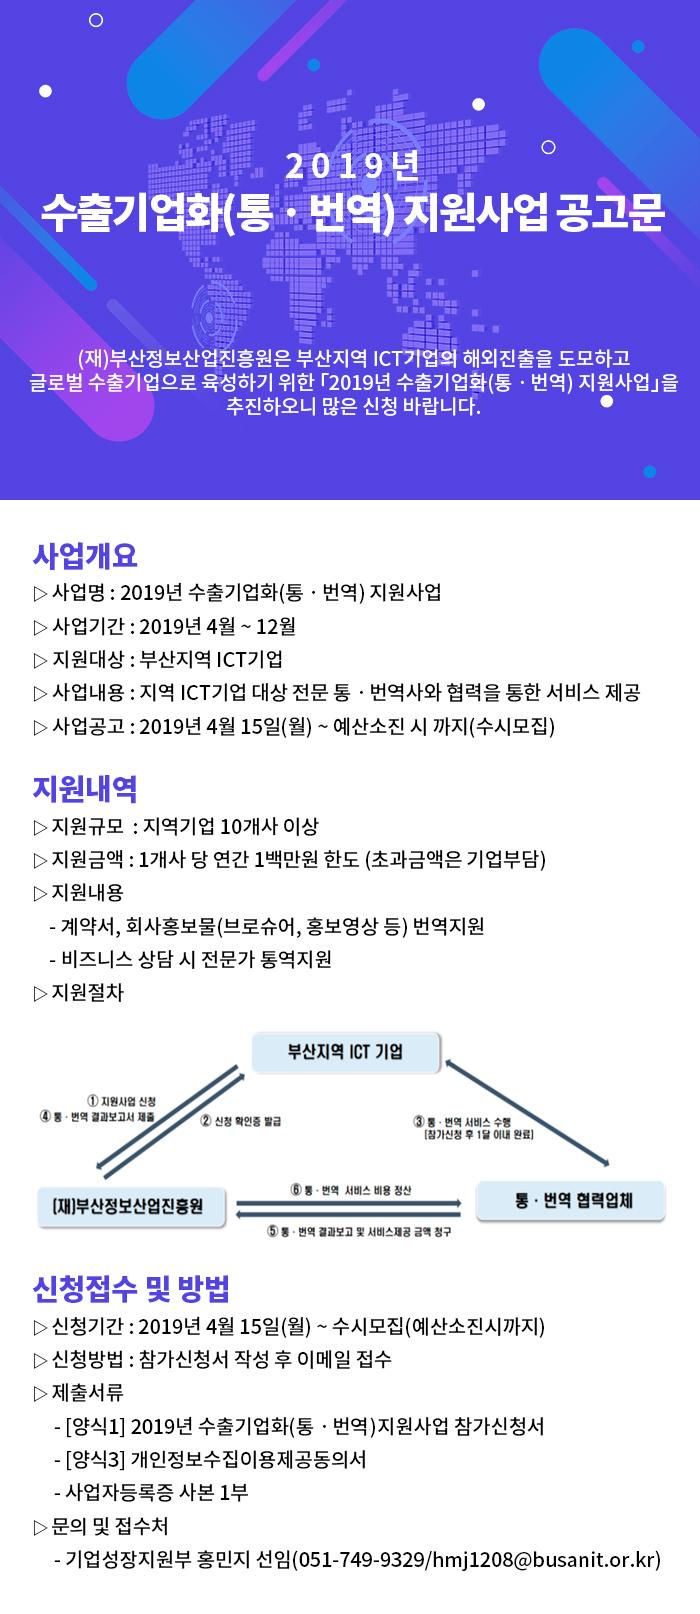 2019년 수출화기업화(통•번역) 지원사업공고문